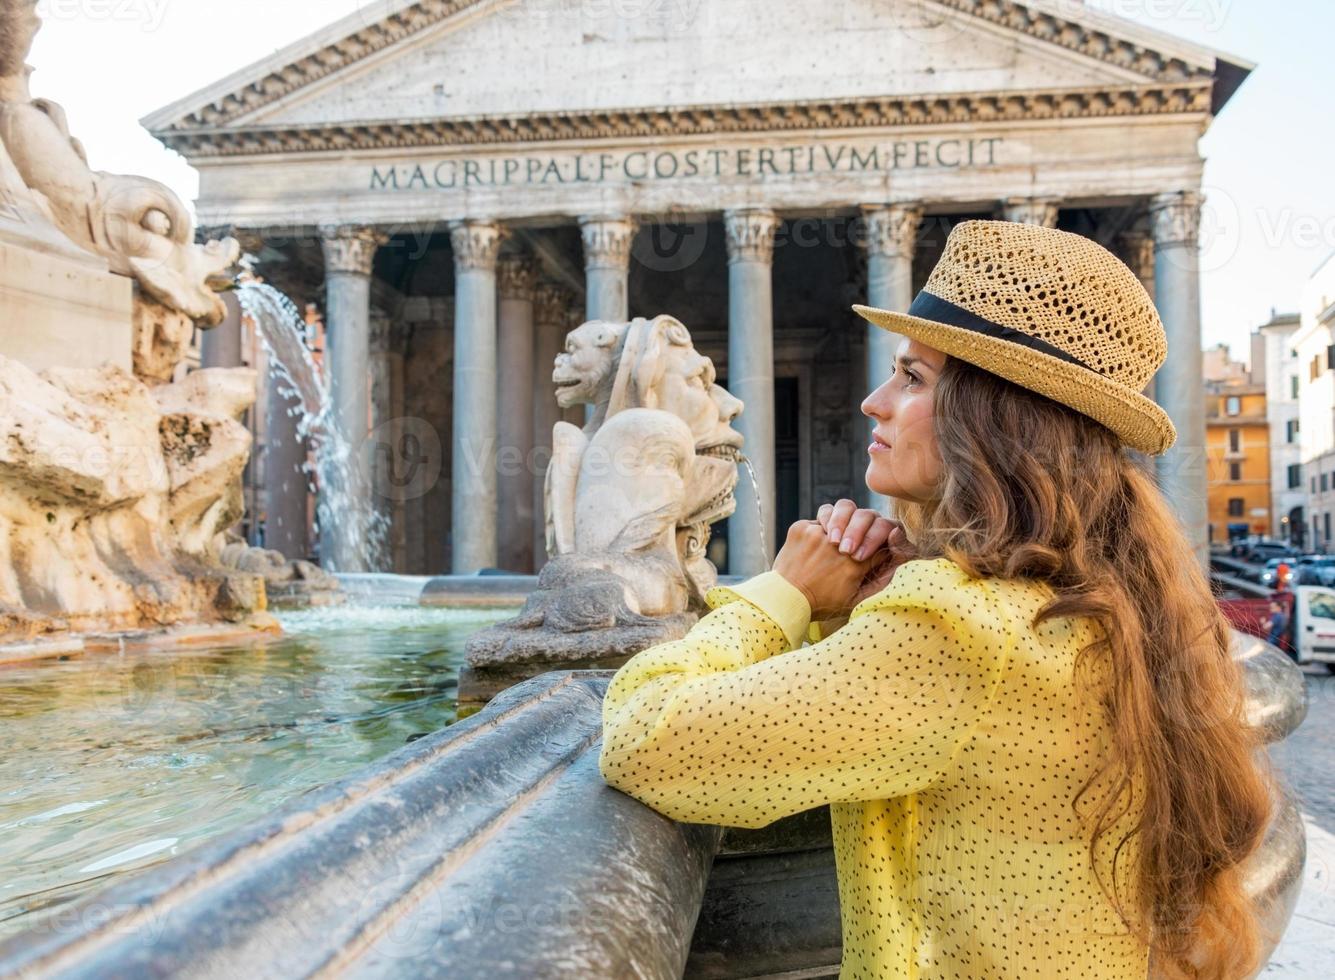 nachdenkliche Frau in der Nähe von Brunnen des Pantheons in Rom, Italien foto